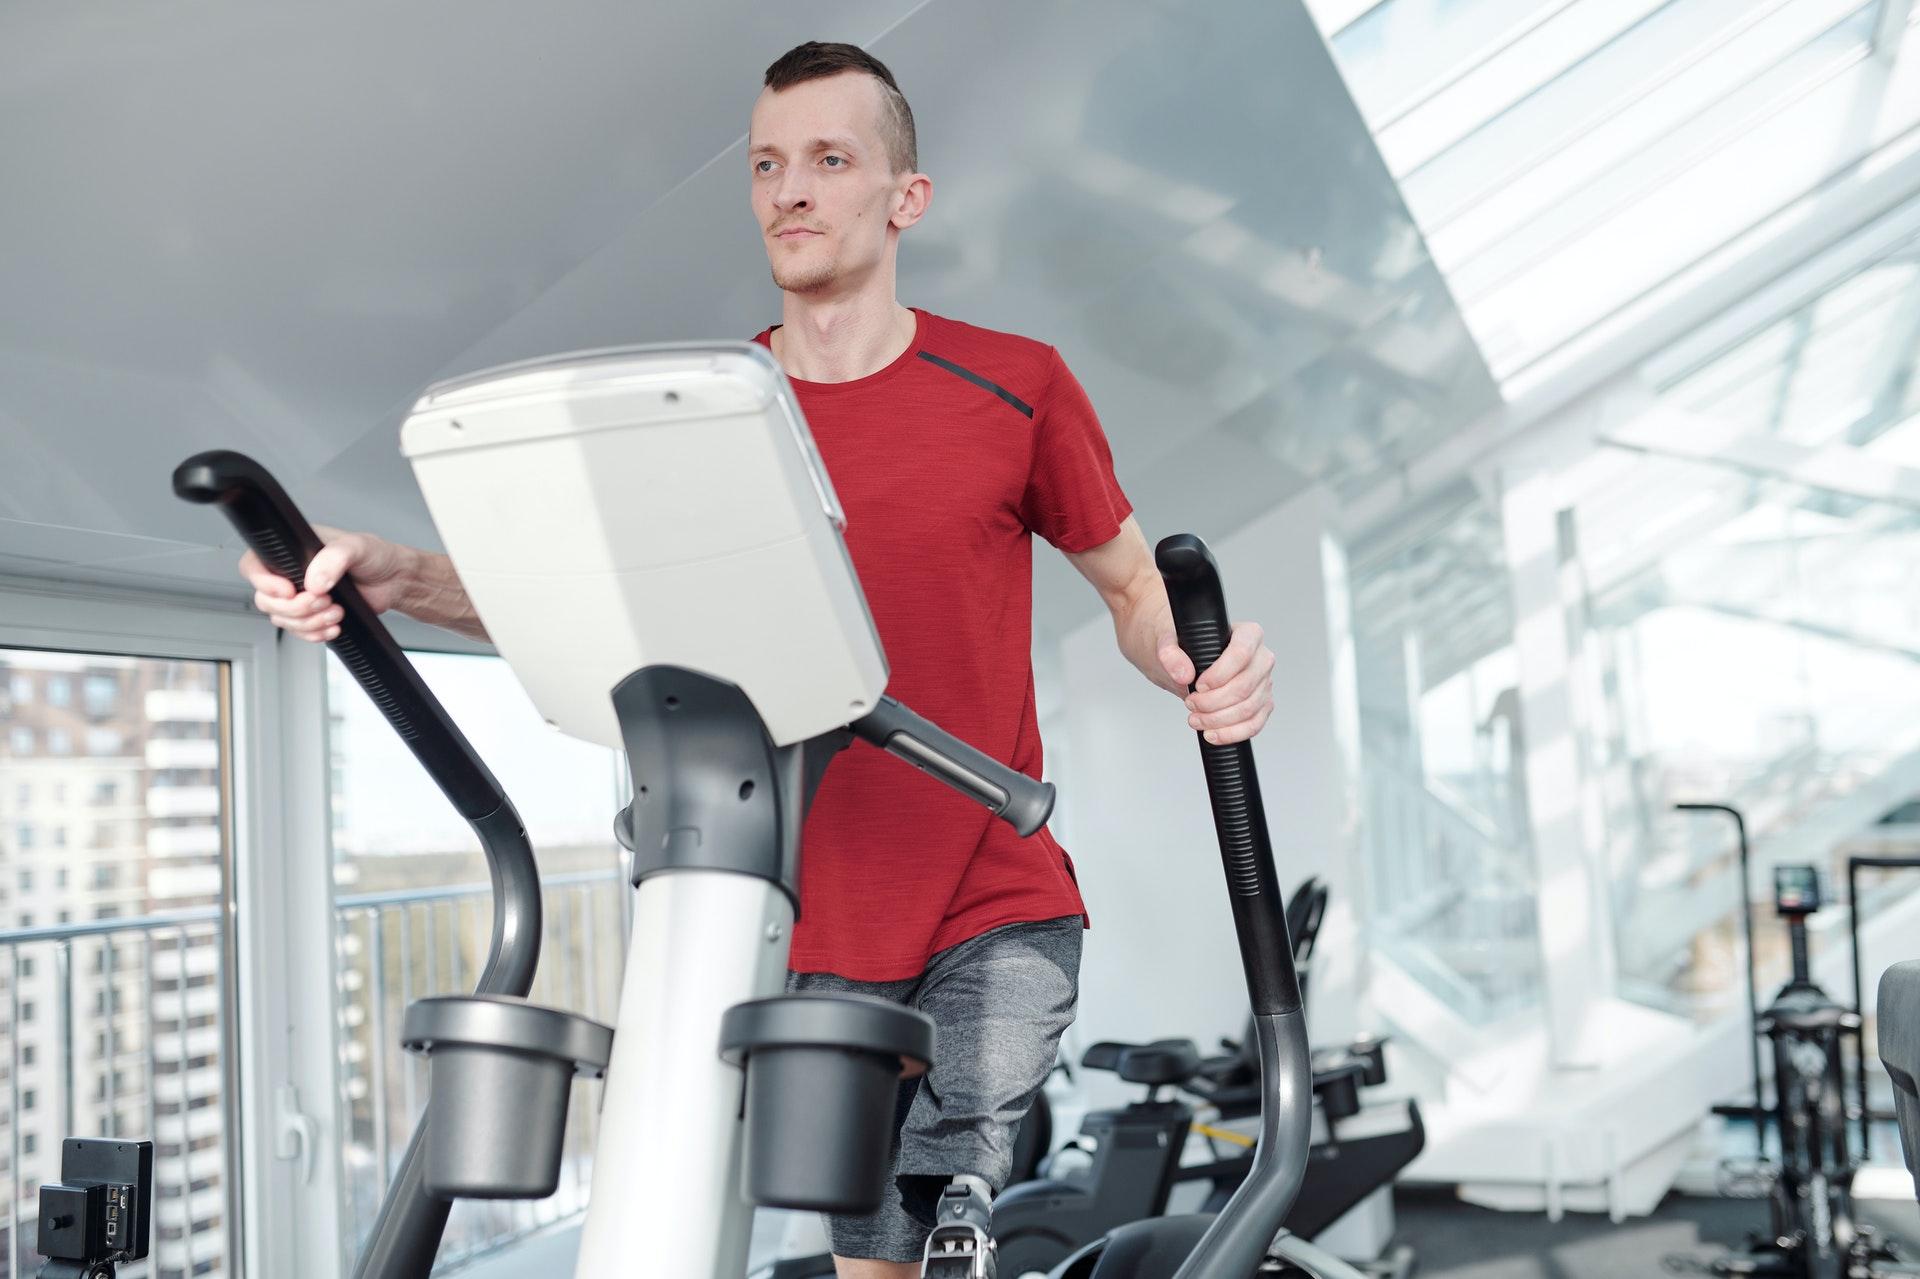 A man on an elliptical machine.